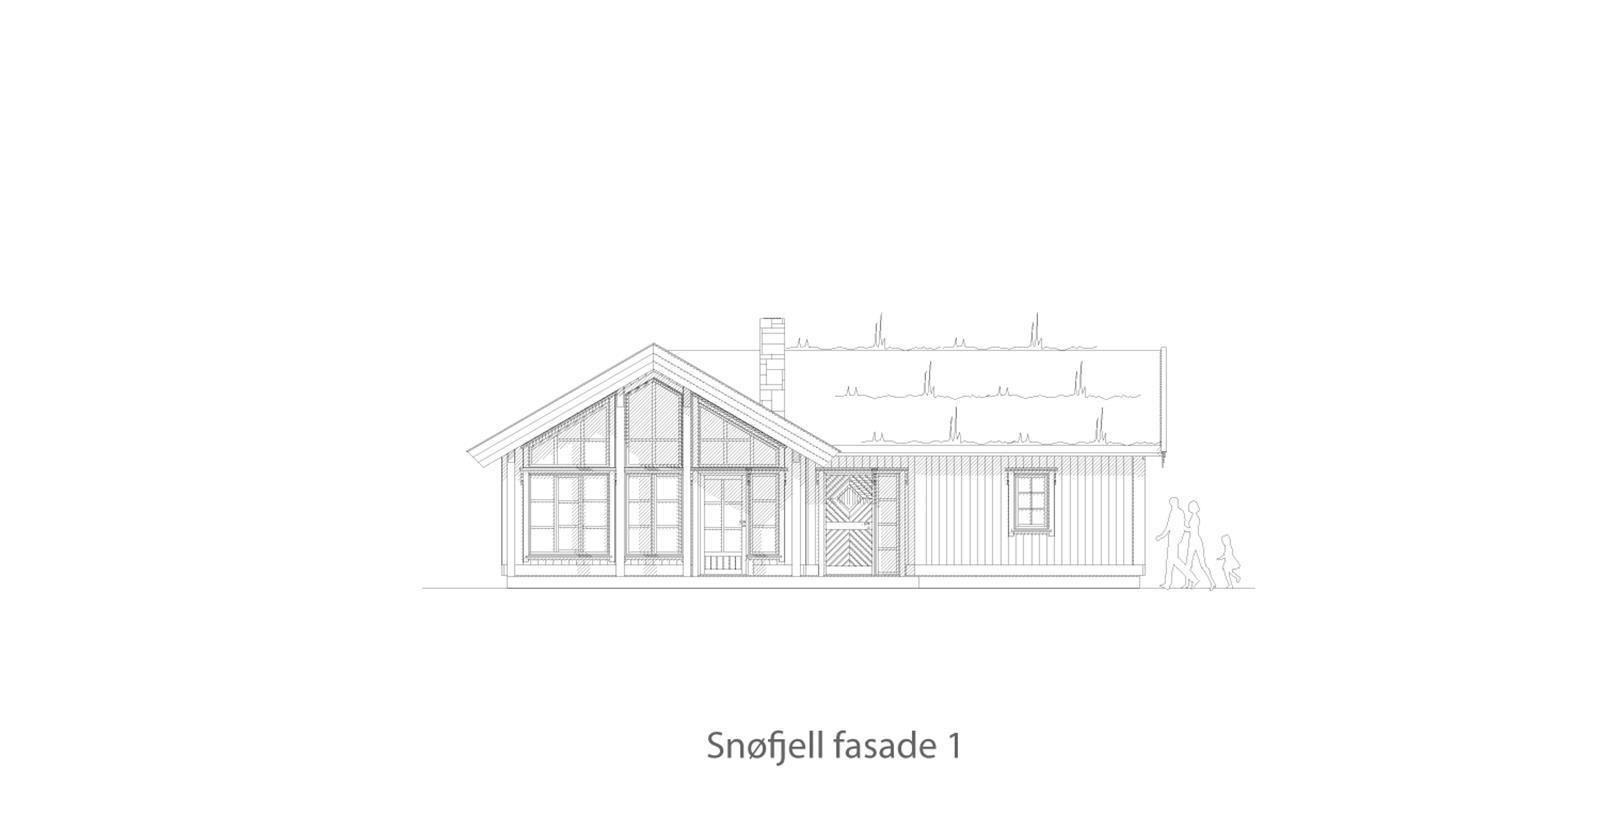 Snøfjell fasade 1